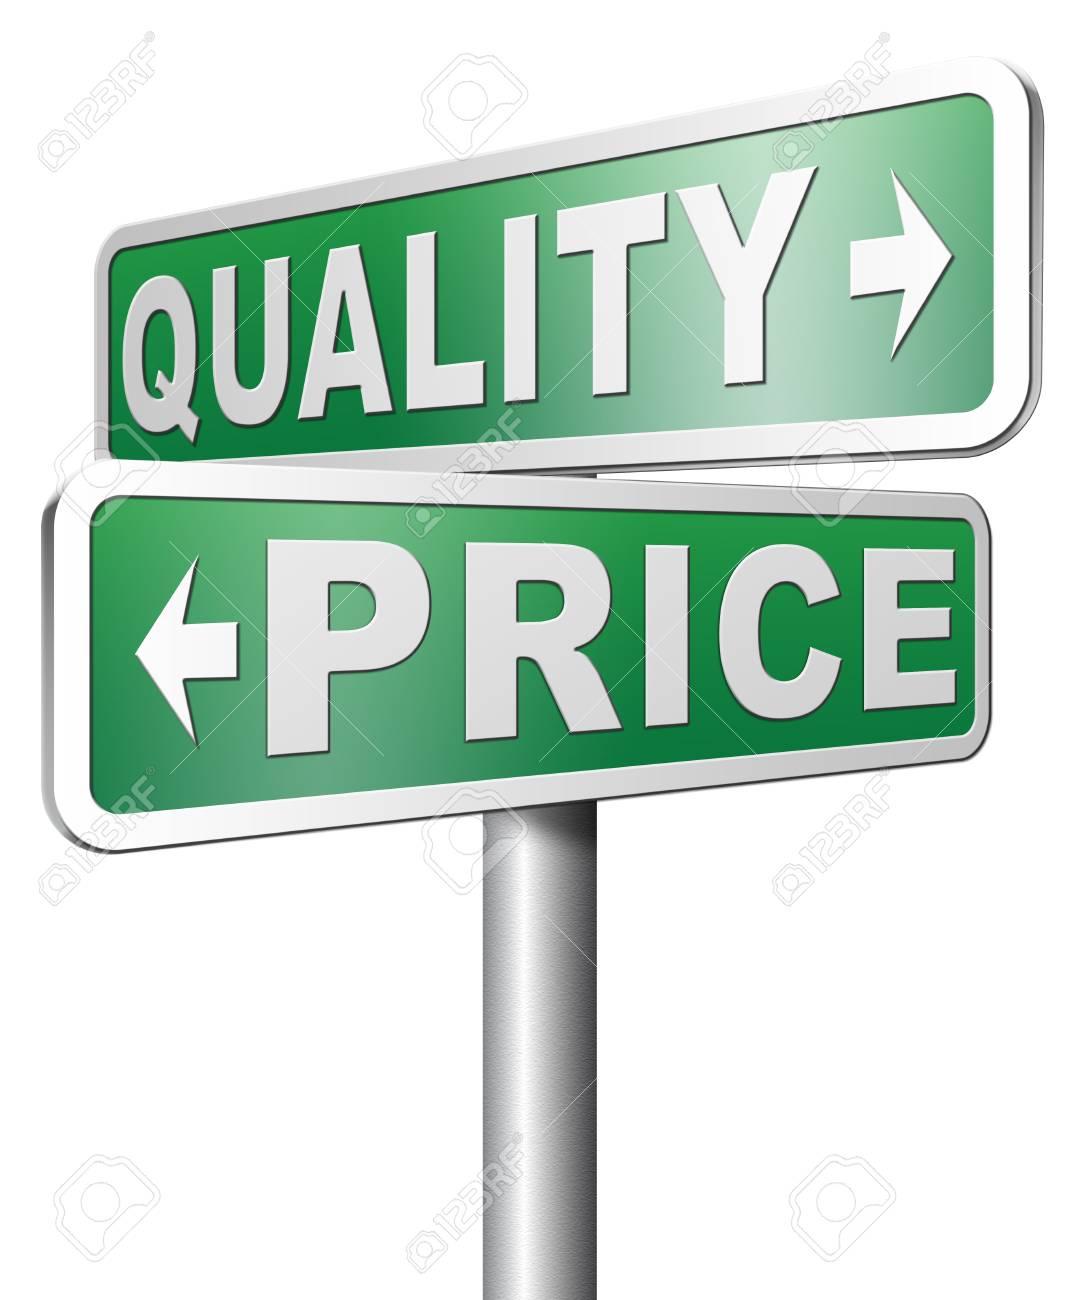 Archivio Fotografico - Prezzo del prodotto di qualità migliore e migliori  qualità o premium a basso costo 612d84d51a6